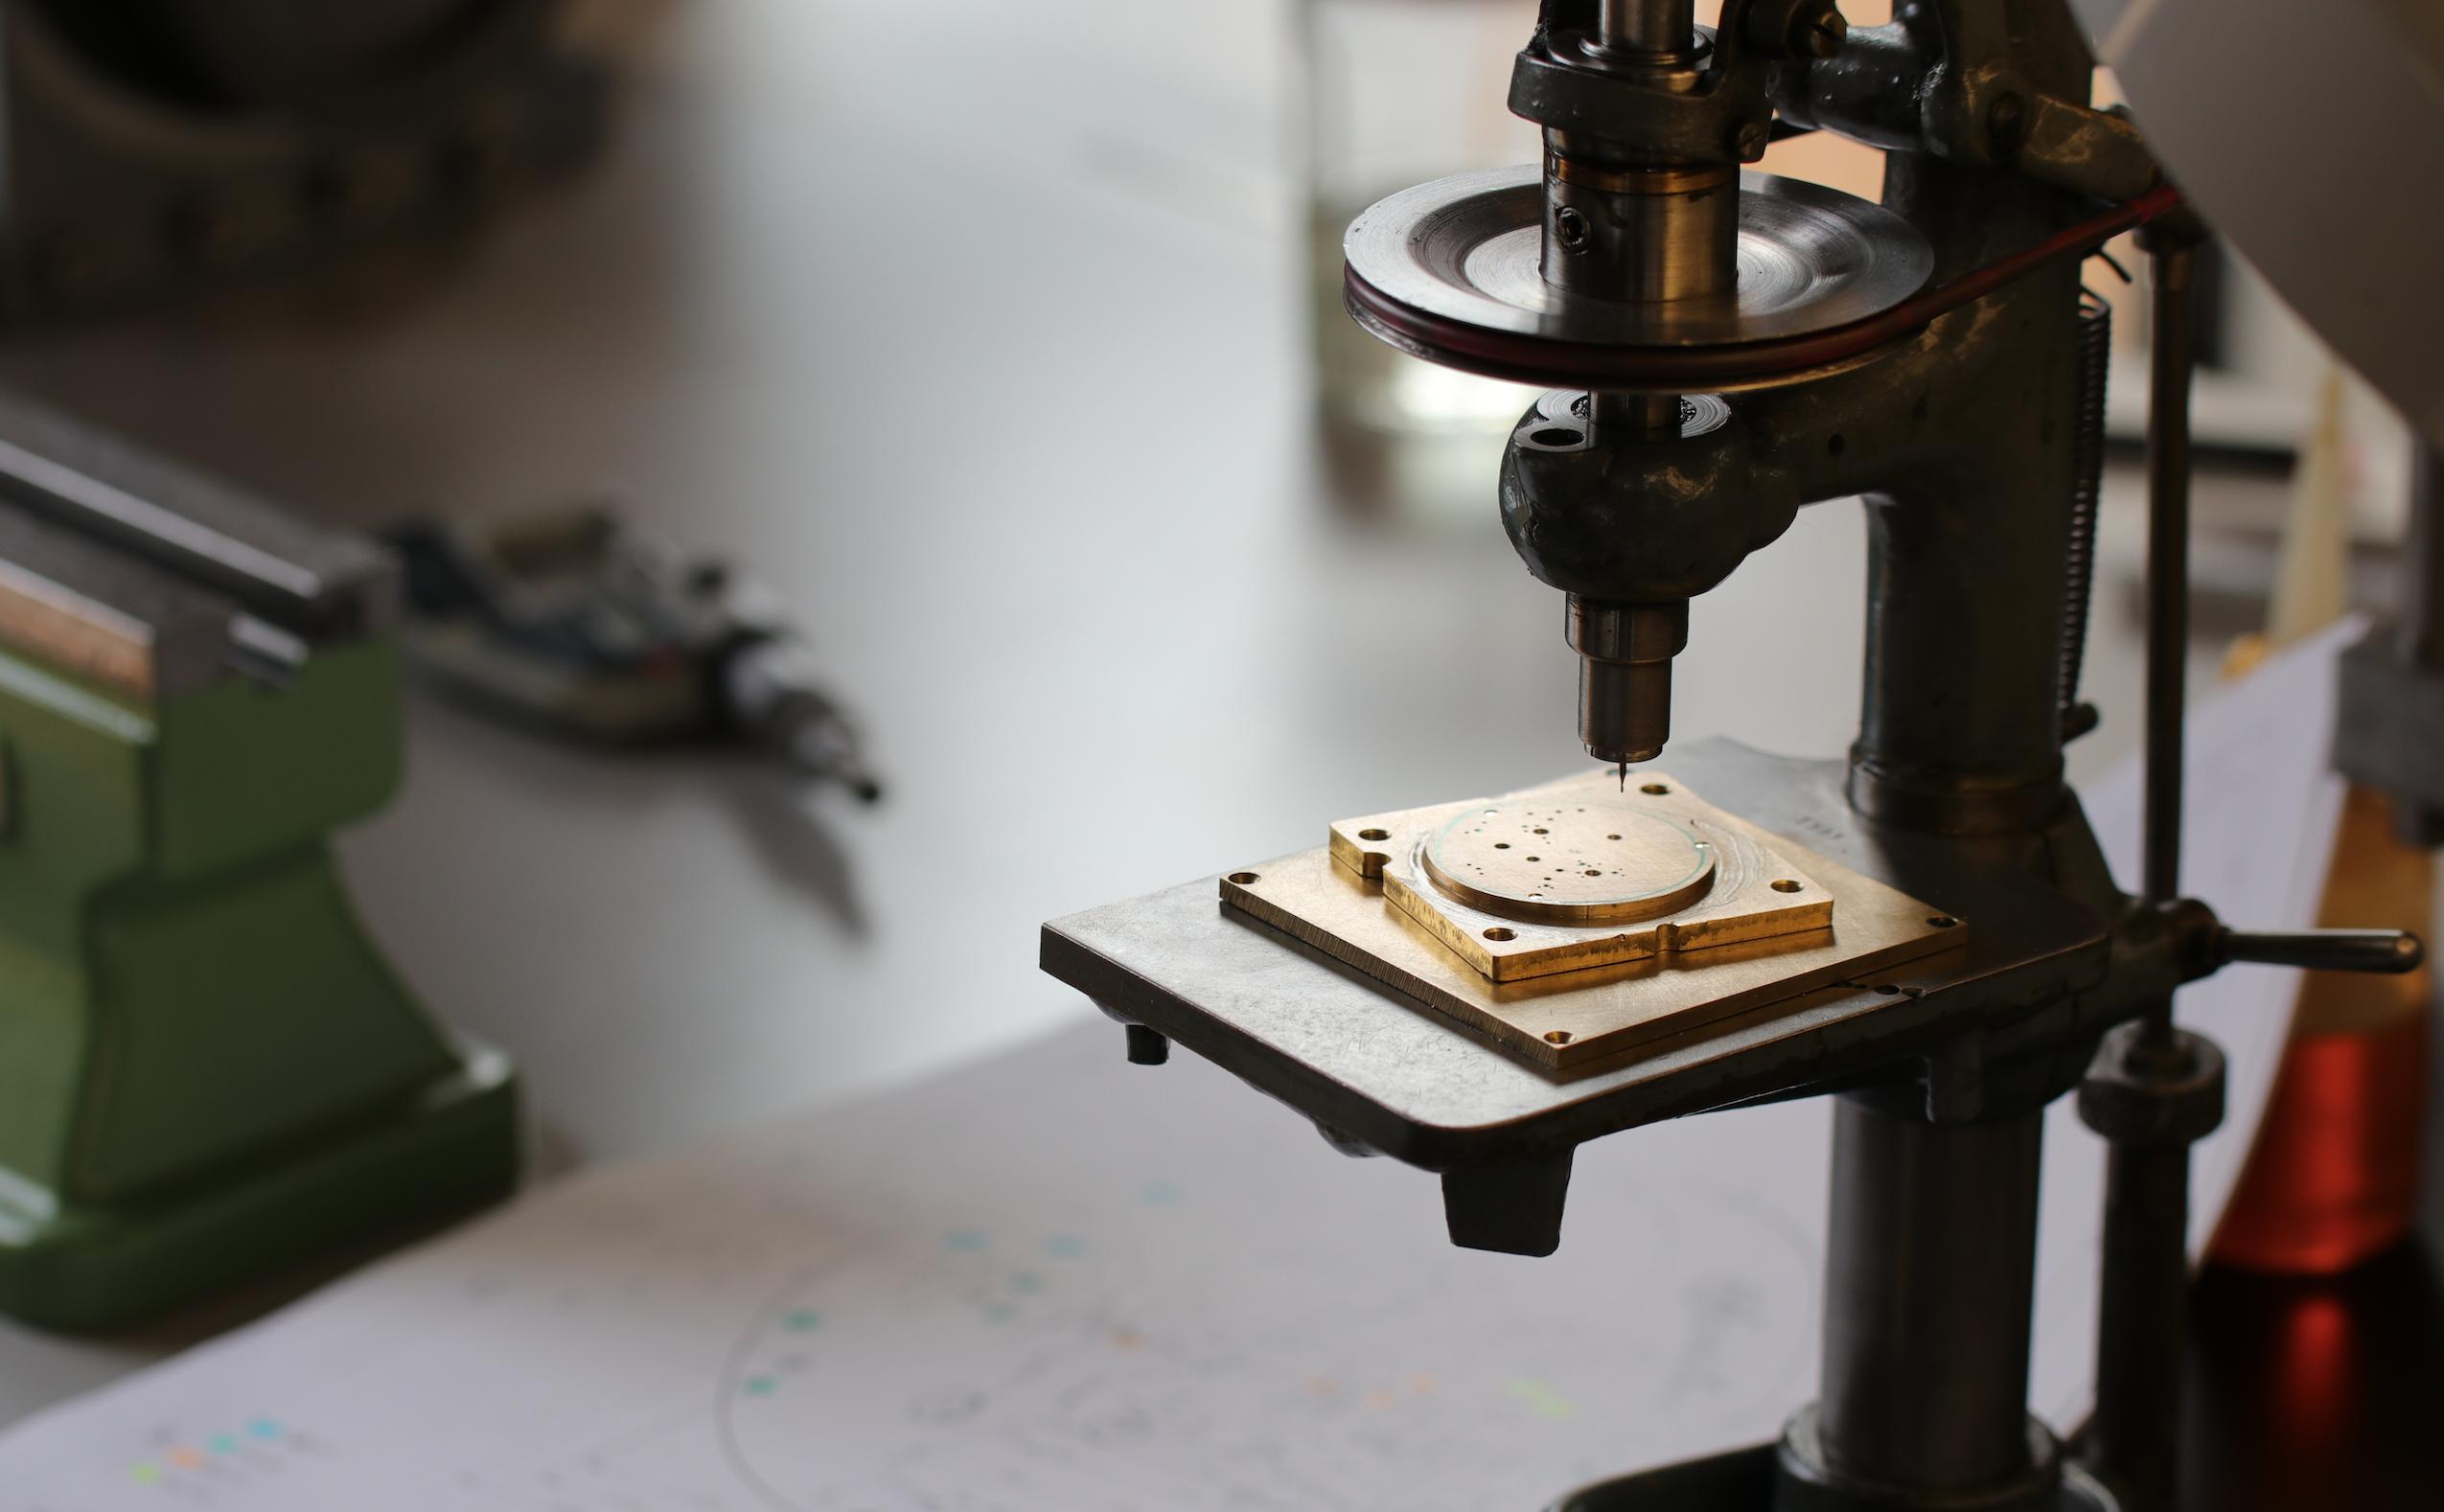 Mười nhà sản xuất đồng hồ độc lập góp phần tạo nên lịch sử chế tác đồng hồ Thụy Sĩ bạn nên biết